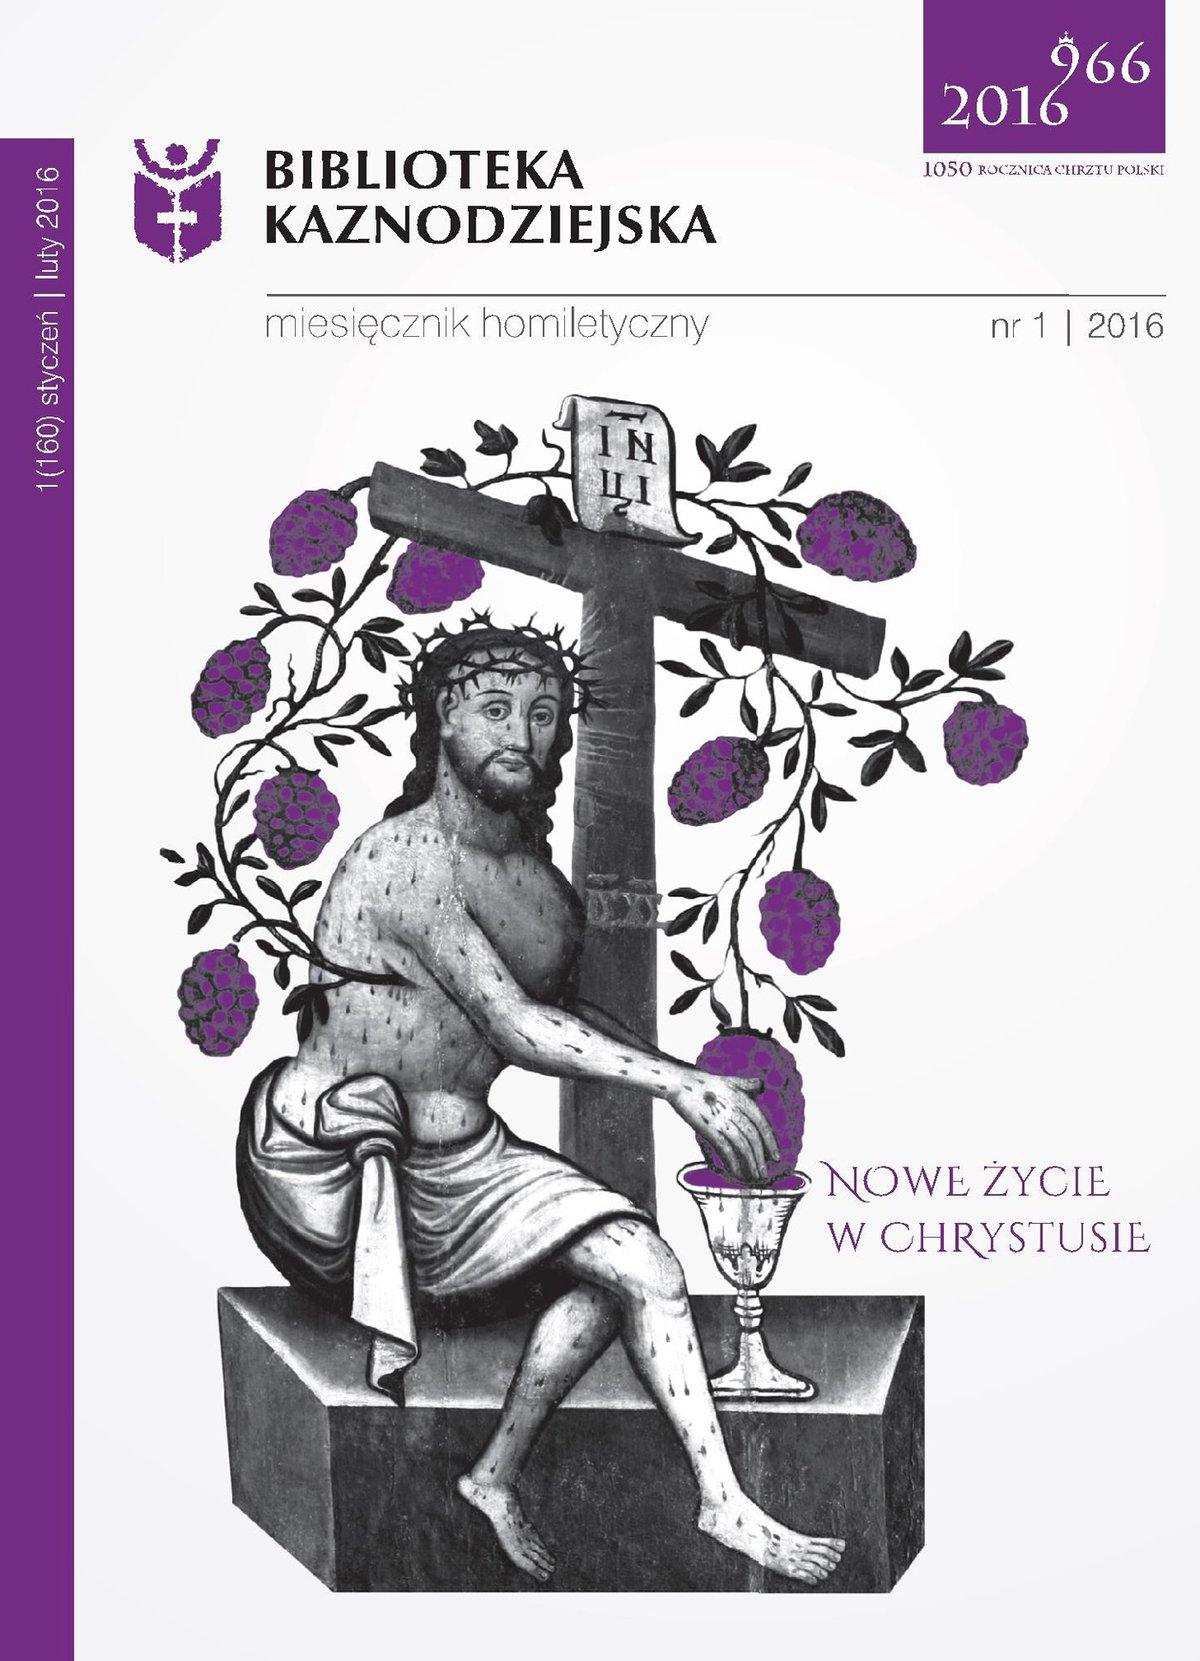 Biblioteka Kaznodziejska nr 01/2016 - Ebook (Książka na Kindle) do pobrania w formacie MOBI